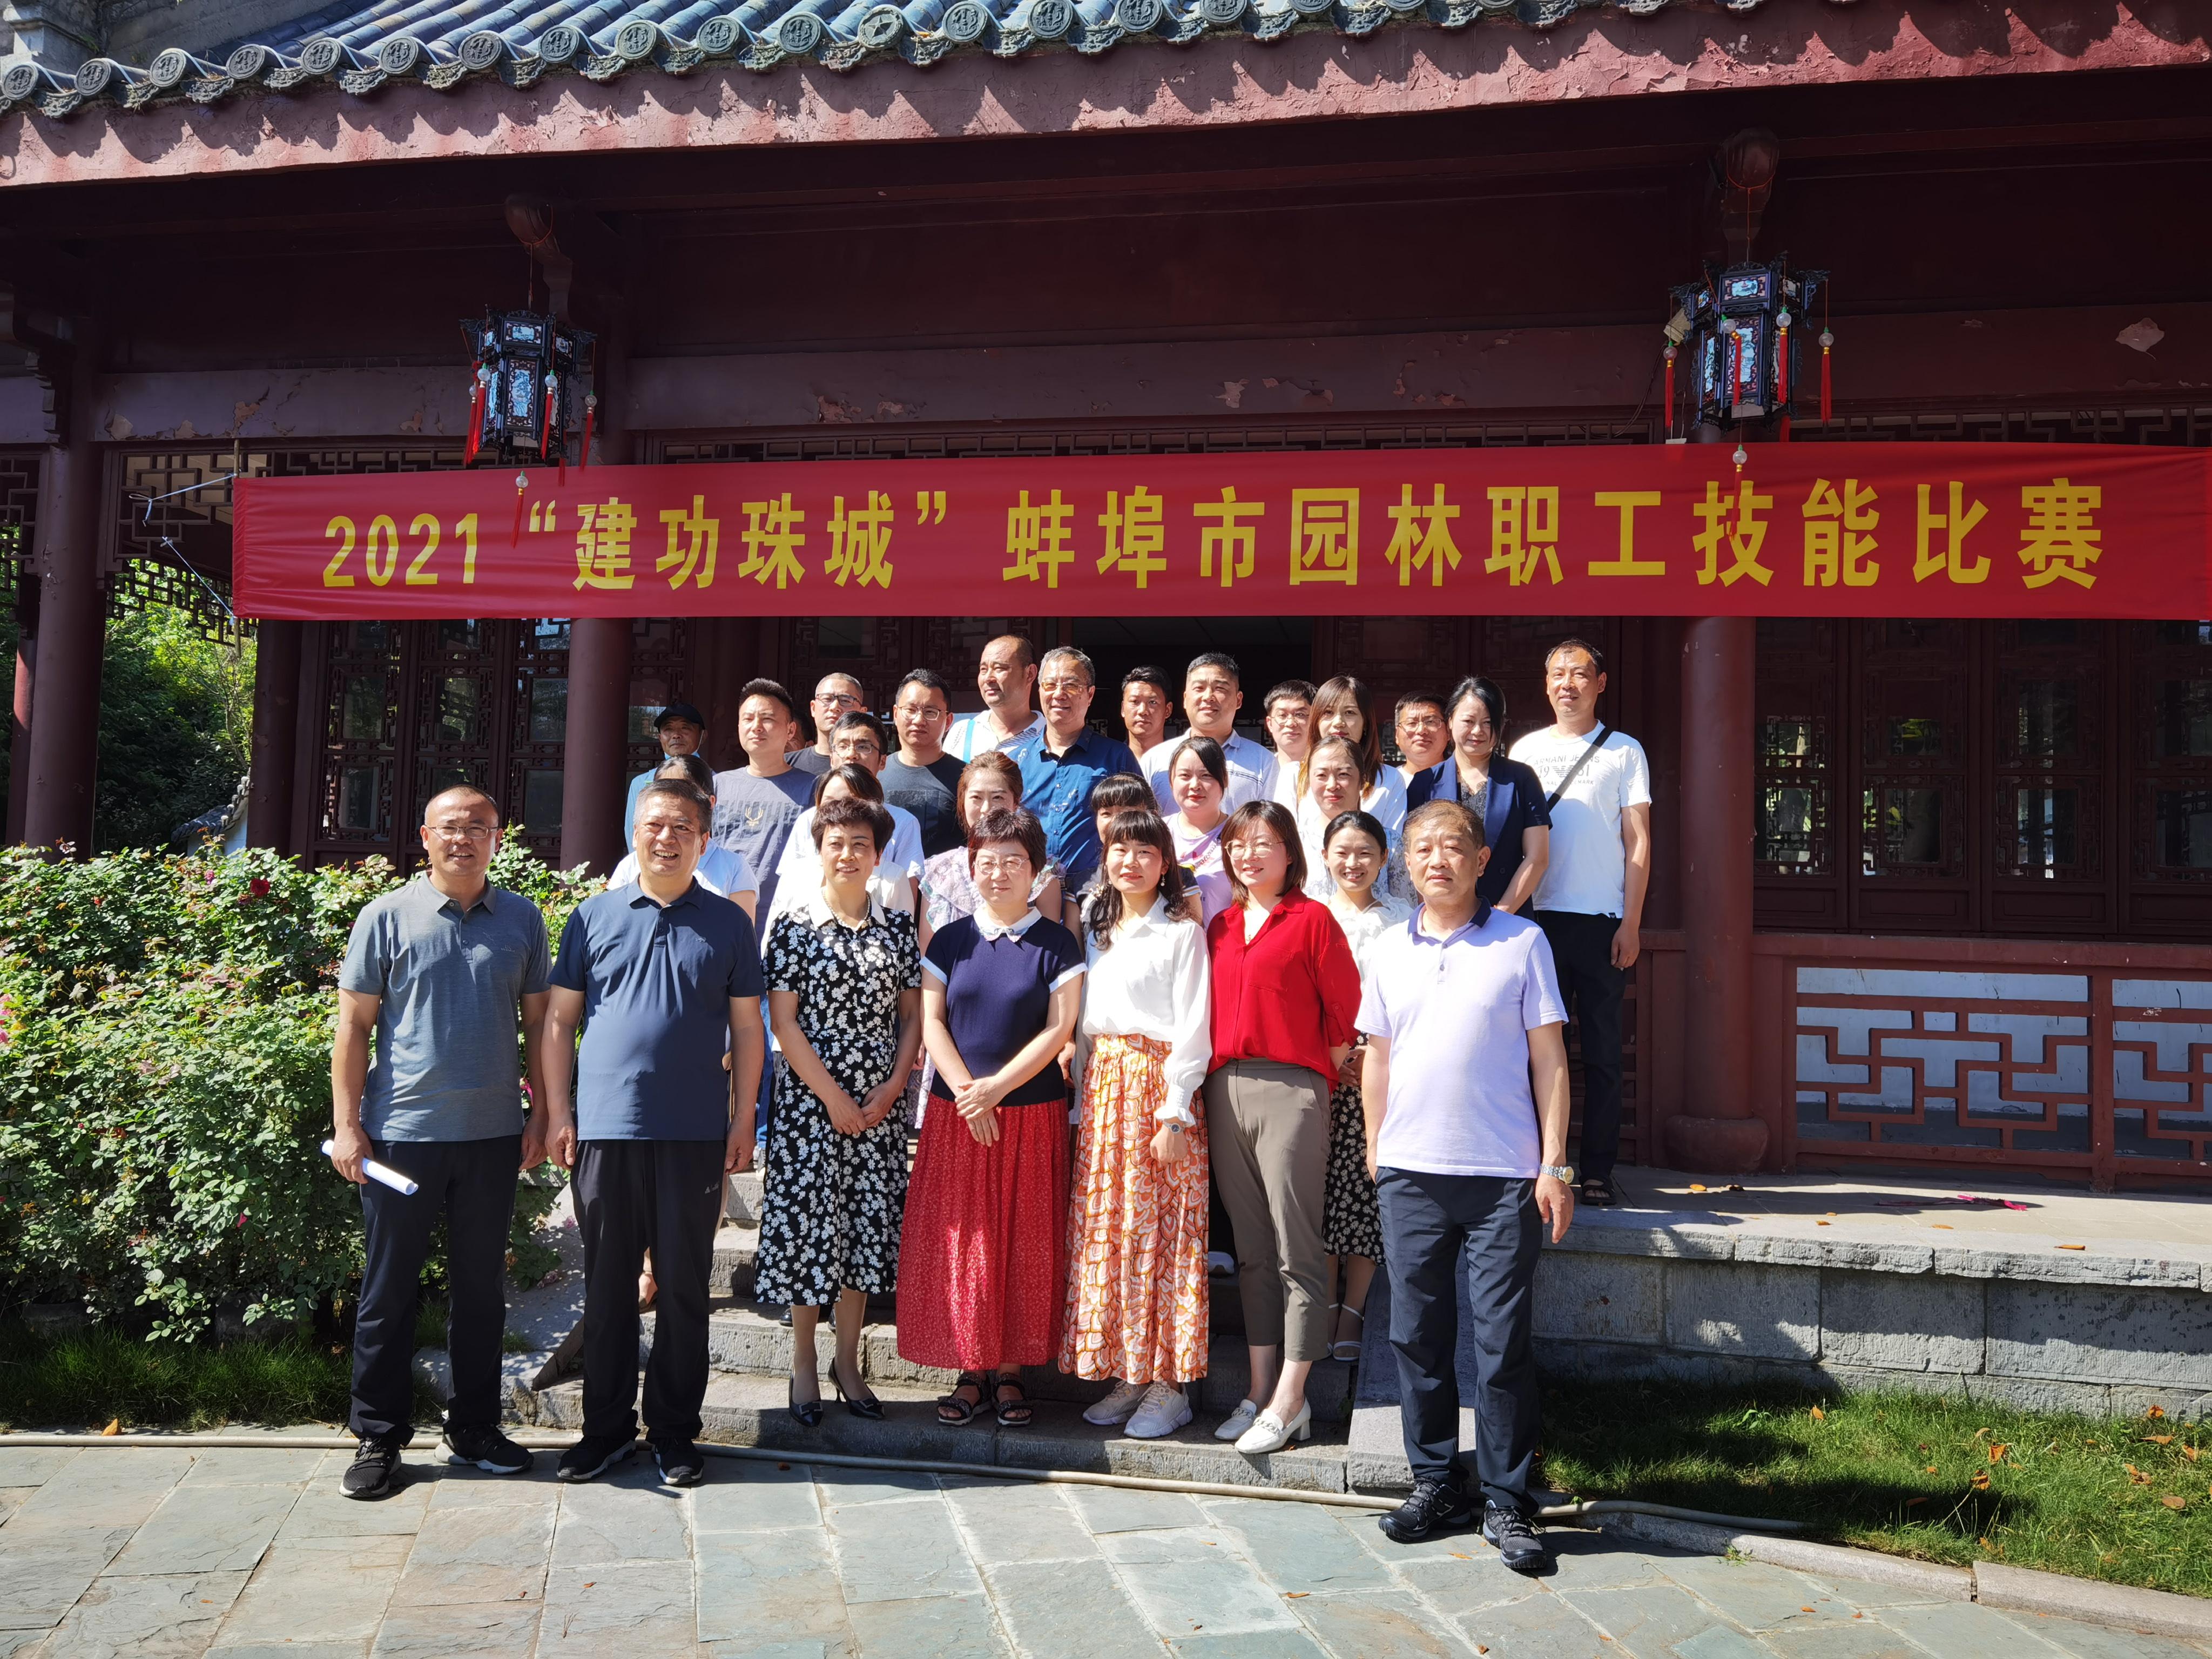 """龍湖園林工程集團有限公司參加2021年度""""建功珠城""""蚌埠市園林職工技能比賽"""